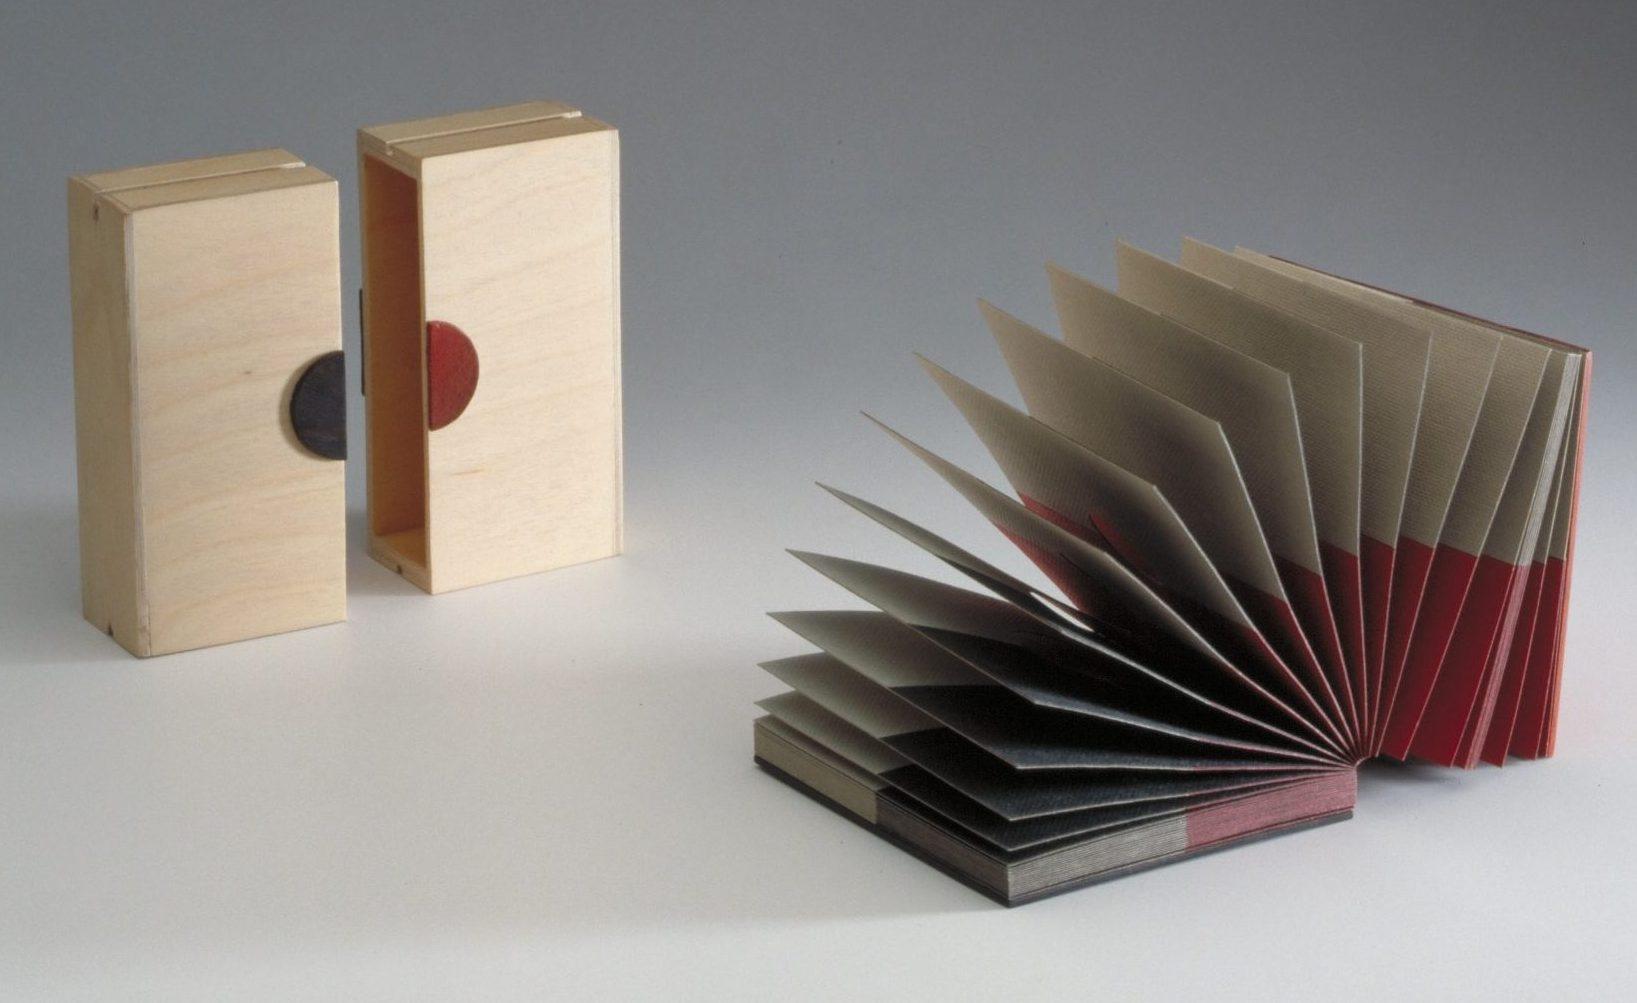 Nel Linssen, ontwerp trofee, 1992. Collectie Stichting Françoise van den Bosch, papier, hout